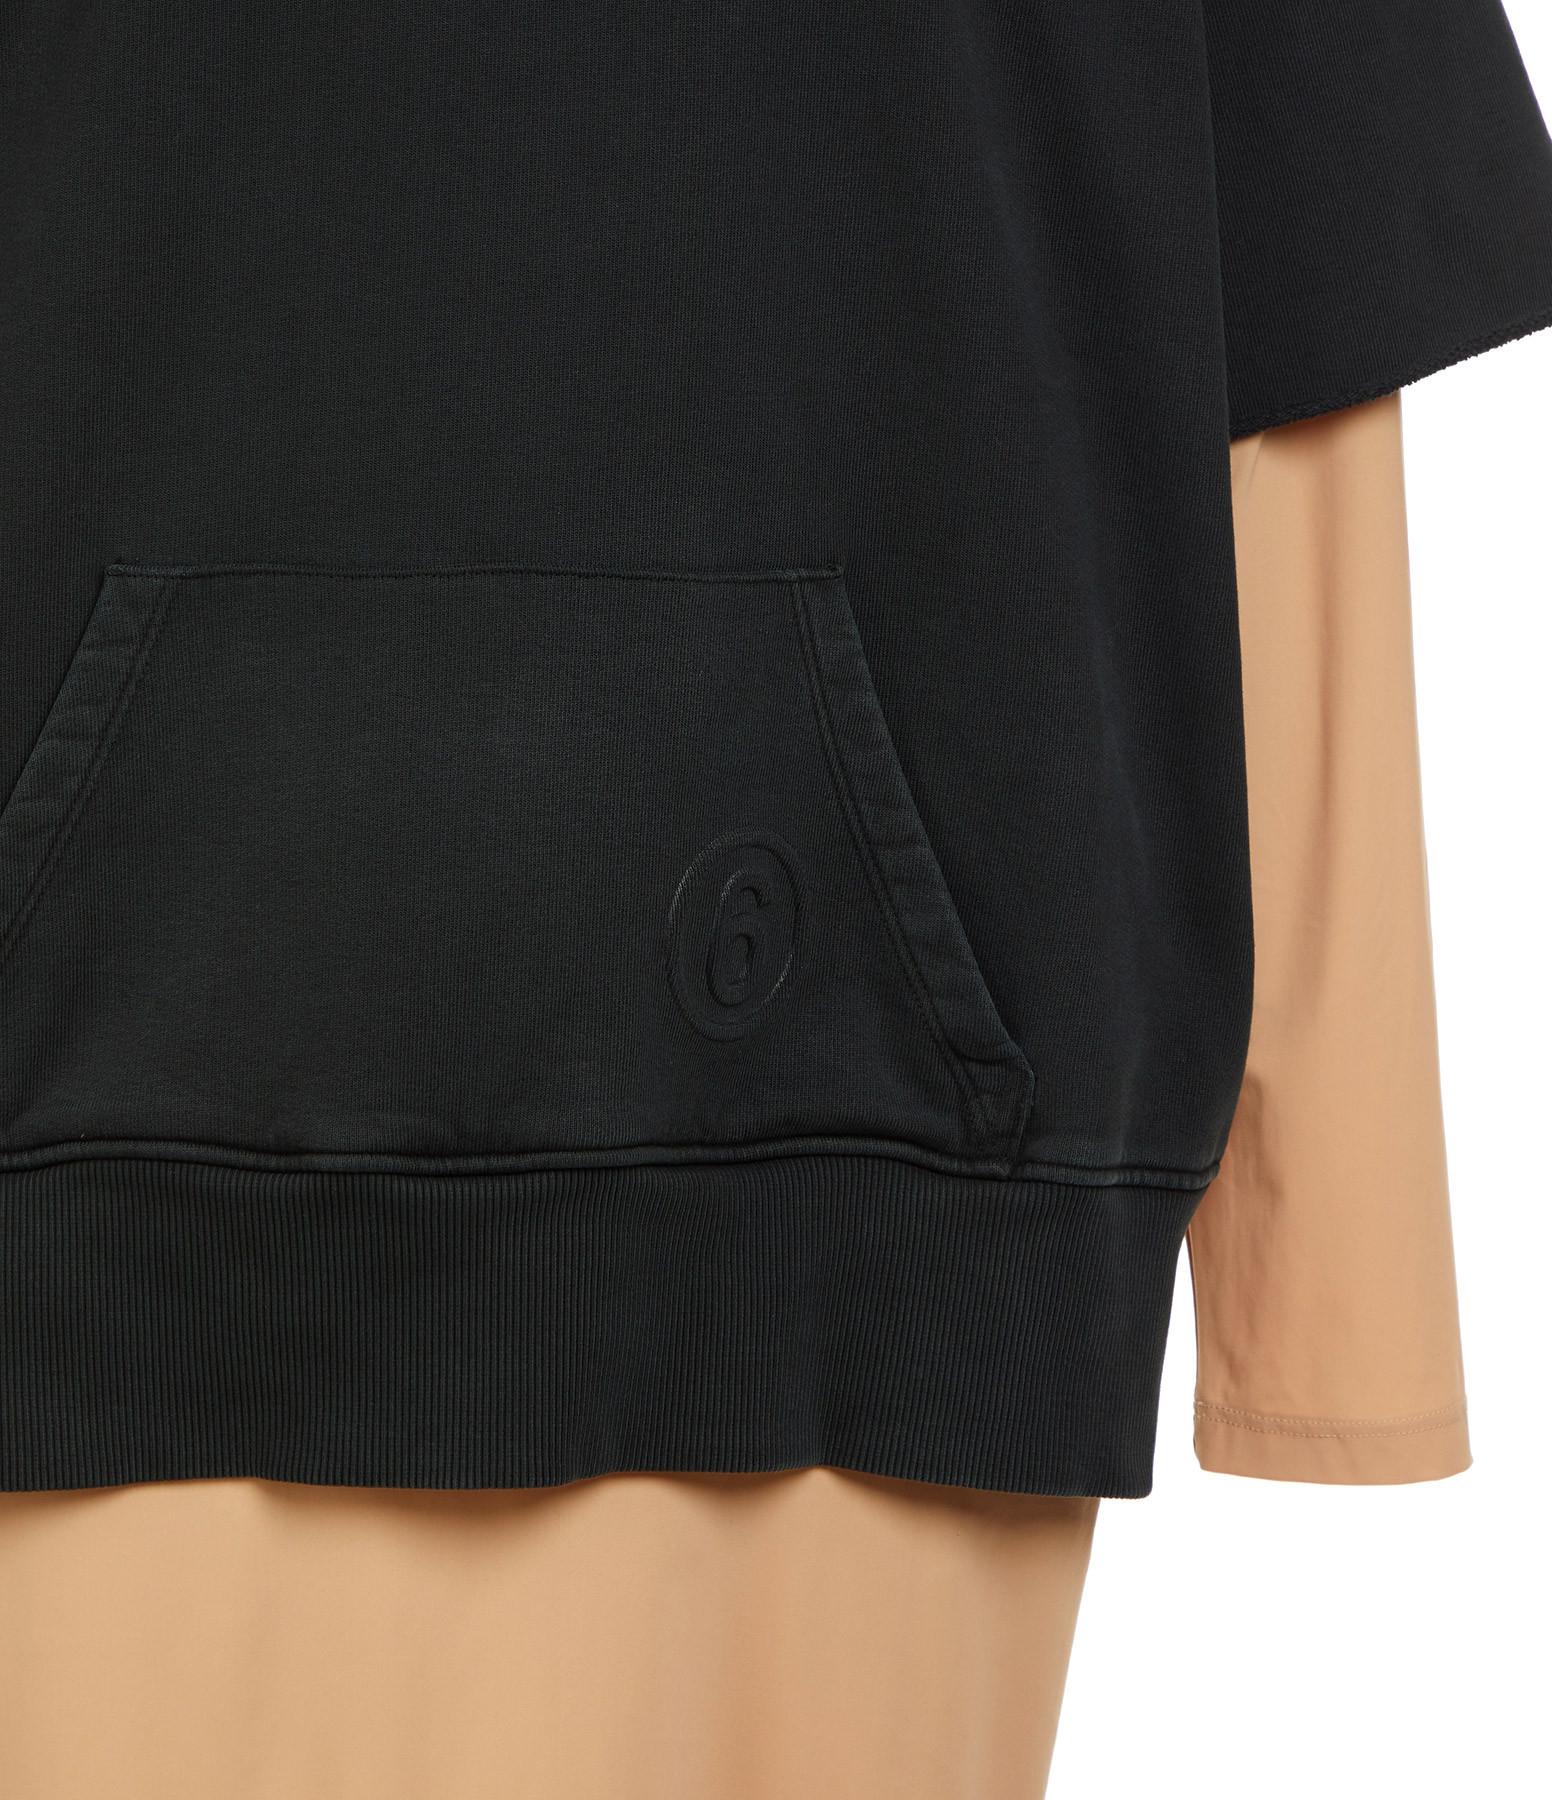 MM6 MAISON MARGIELA - Robe Coton Noir Nude